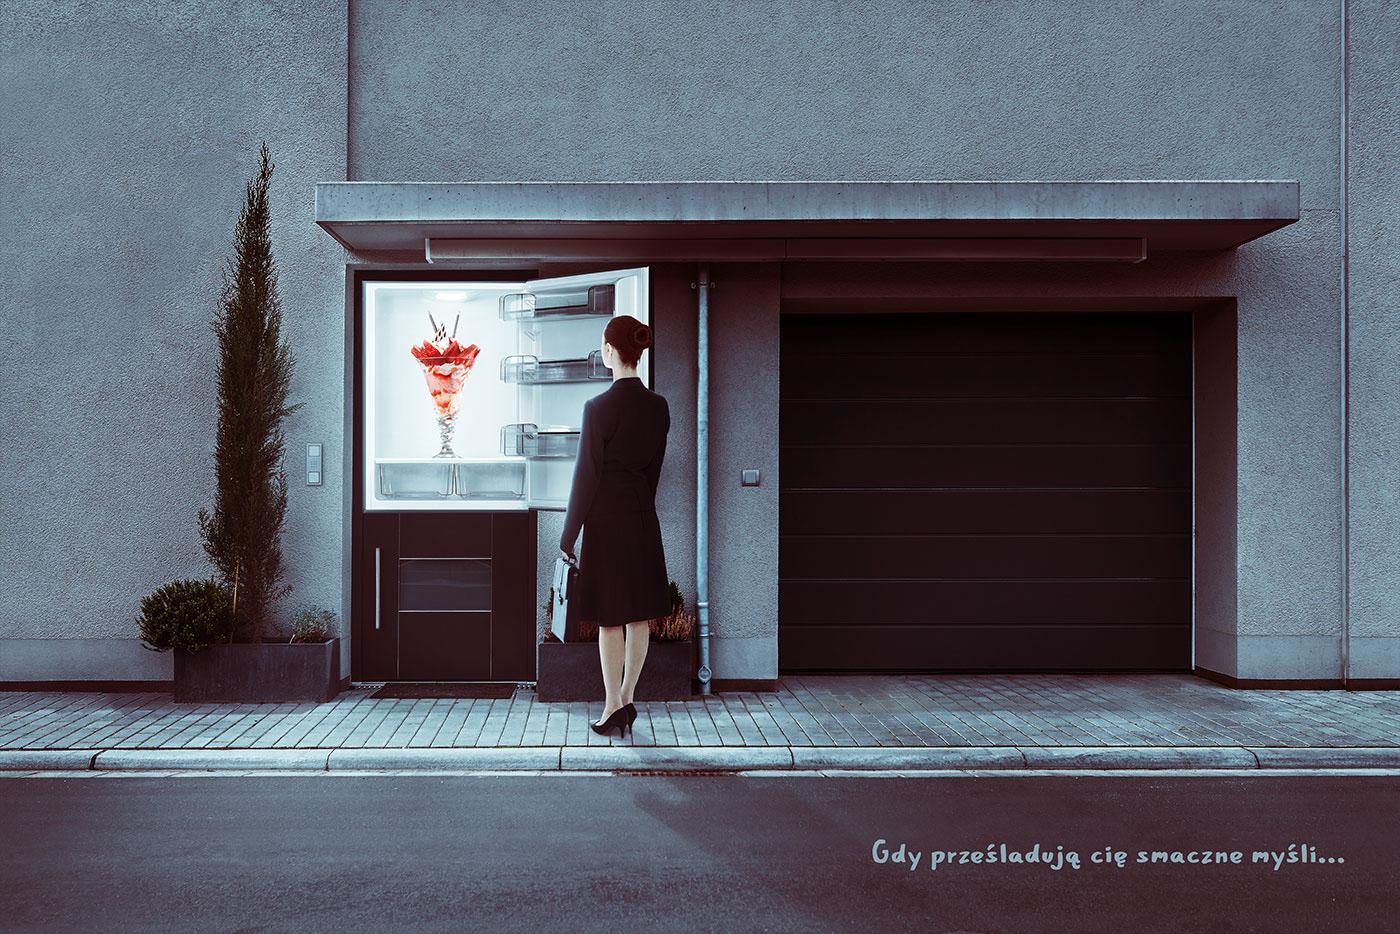 Lodówka garaż deser lody mysli smaczny reklama thoughts ice cream refrigerator